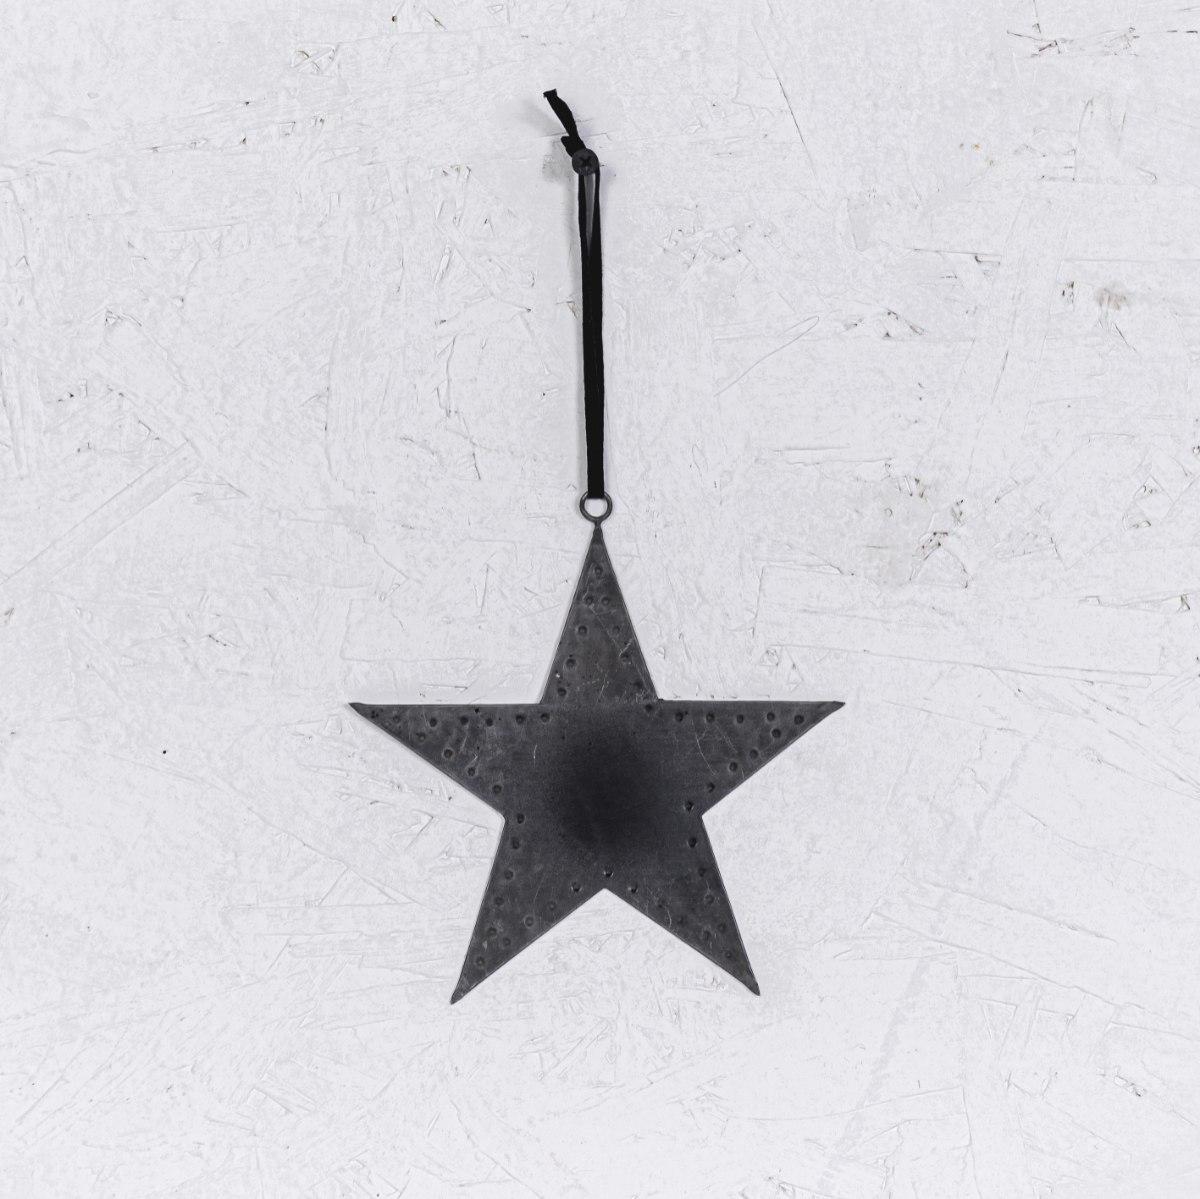 כוכב שטוח ממתכת - כסוף מושחר (גודל L)